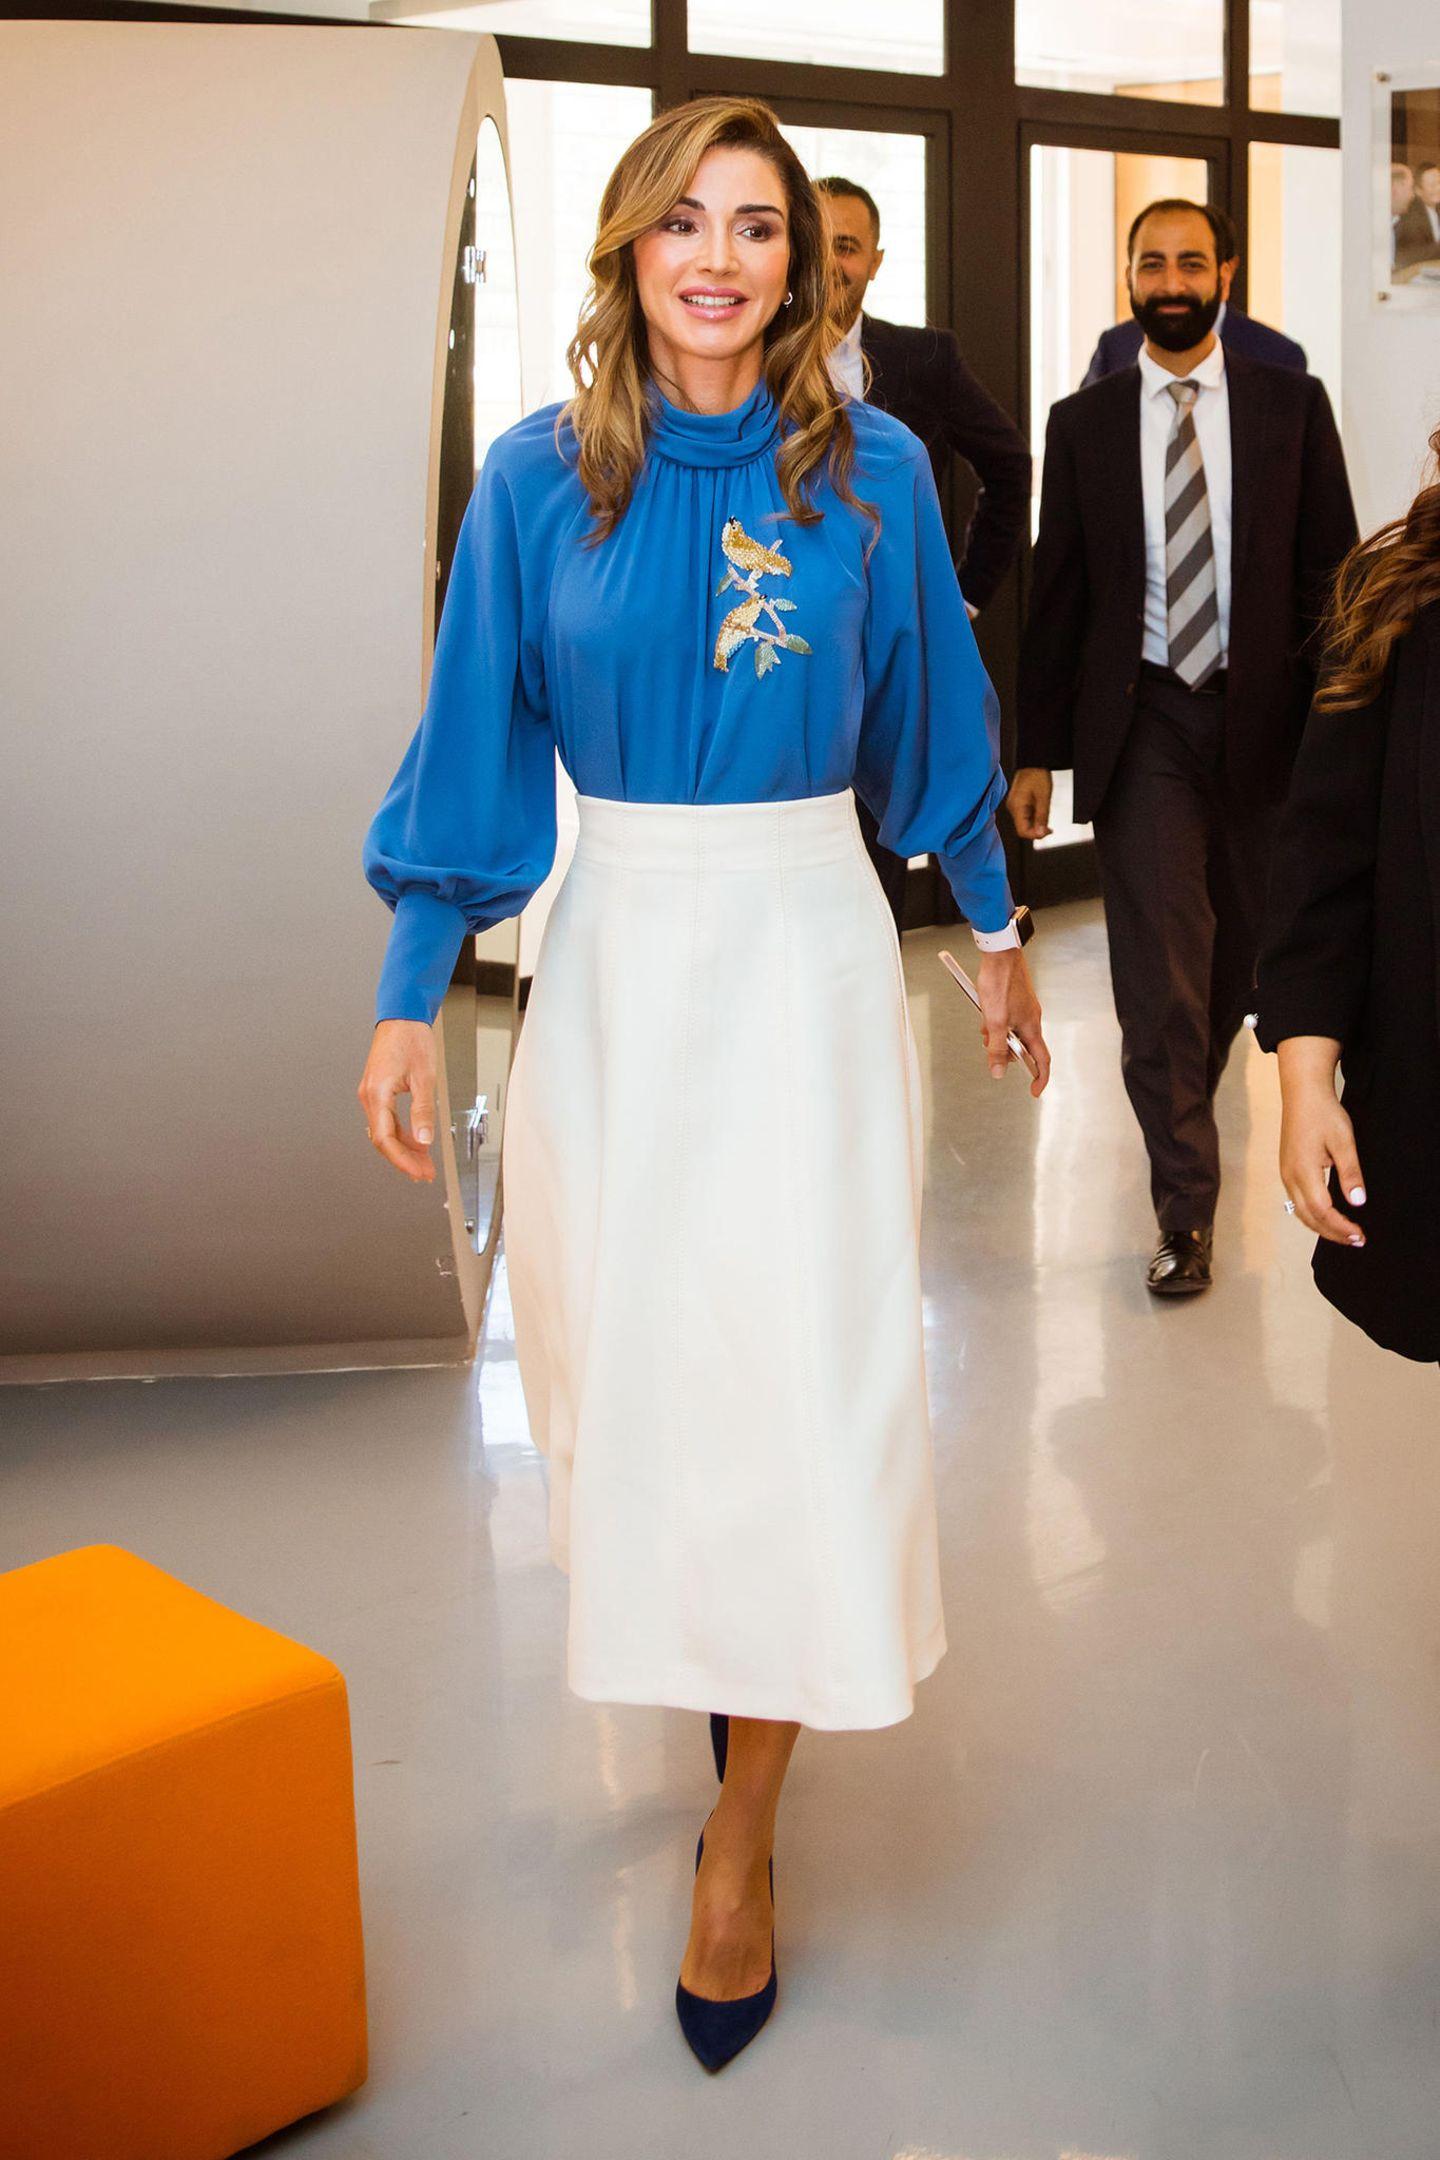 Strahlend schön in Blau-Weiß präsentiert sich Königin Rania beim Treffen mit dem Team der von ihrer Stiftung gegründetenBildungsinitiative Edraak. Die mit goldenem Vogel-Motiv verzierte Retro-Bluse stammt von der Moskauer Designerin Alena Akhmadullina.